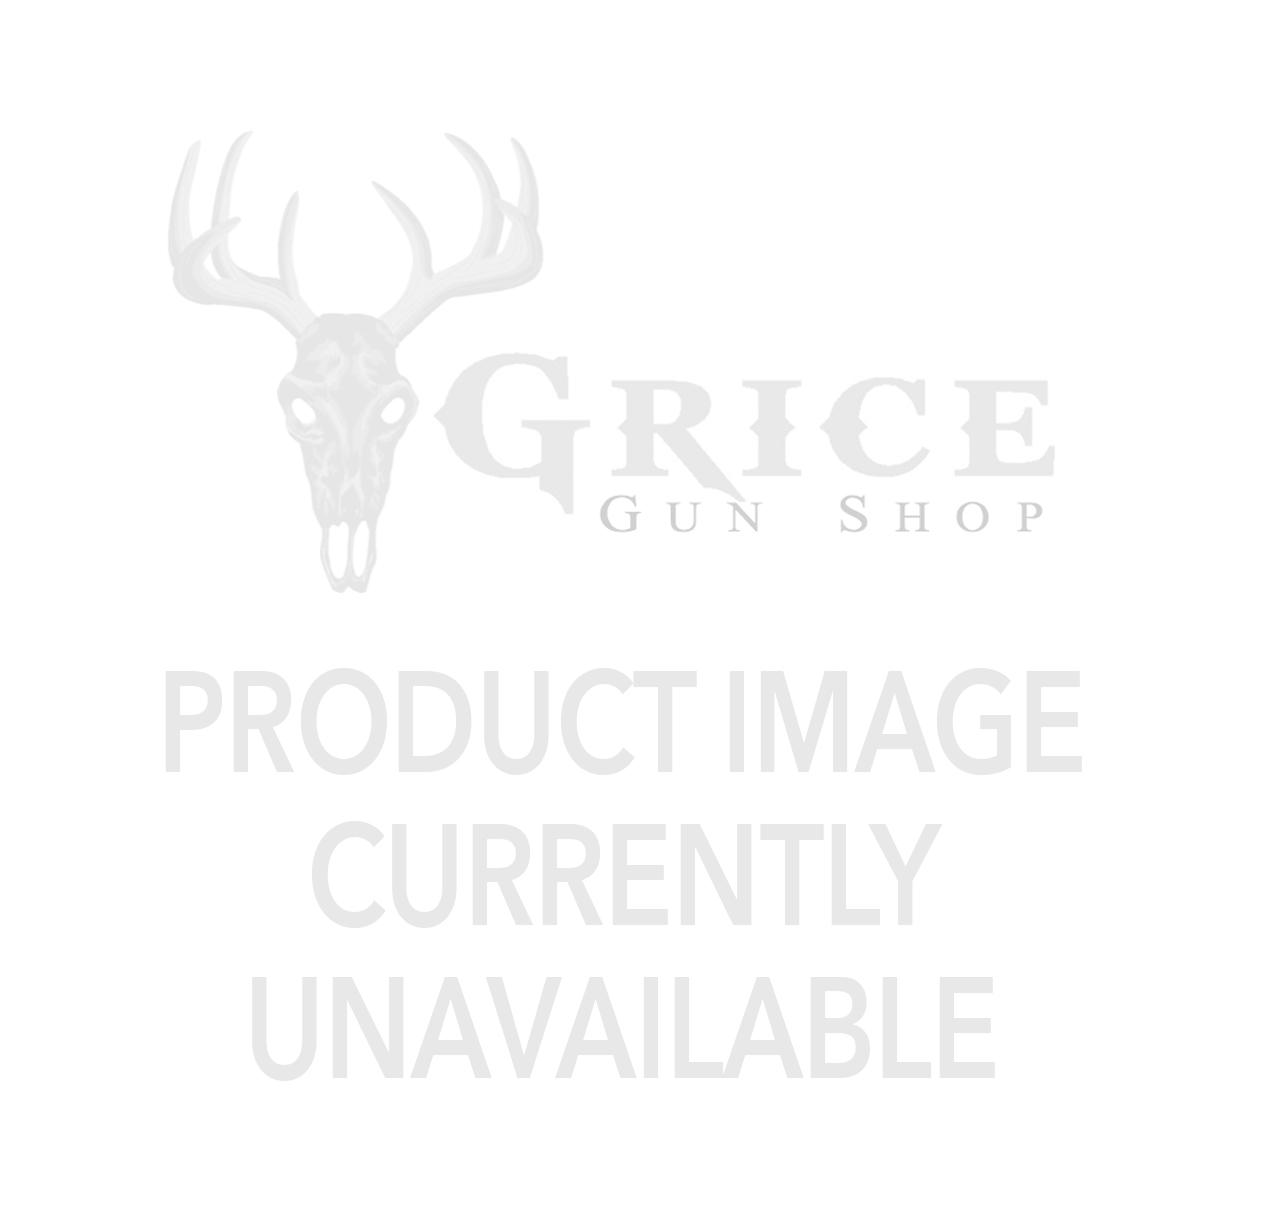 CrimsonTrace - Laser Pro - Glock Gen3/Gen4/Gen5